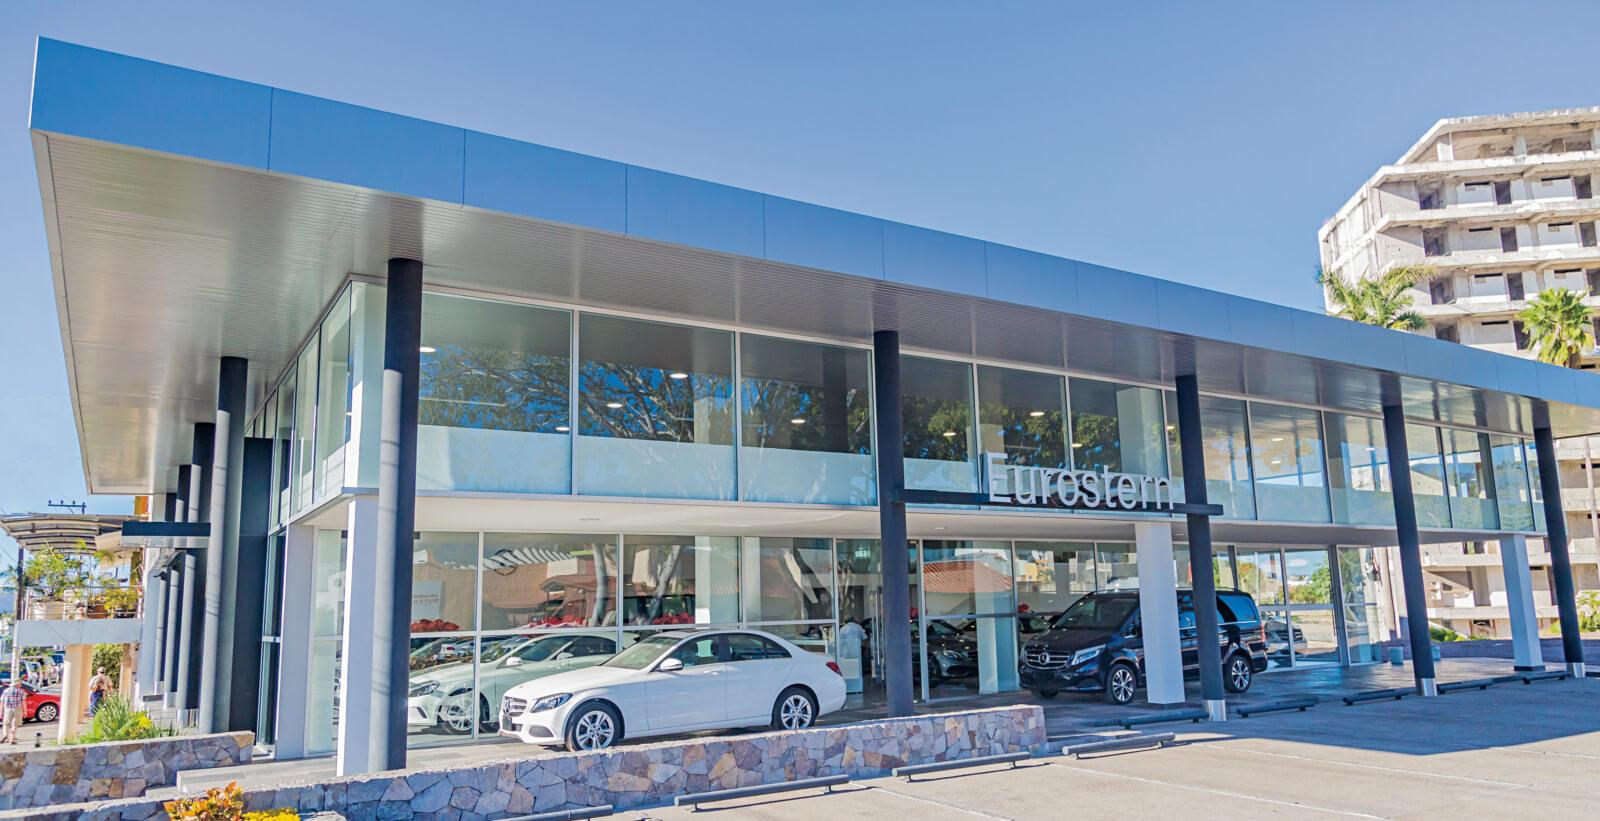 Eurostern Puerto Vallarta, Mercedes-Benz